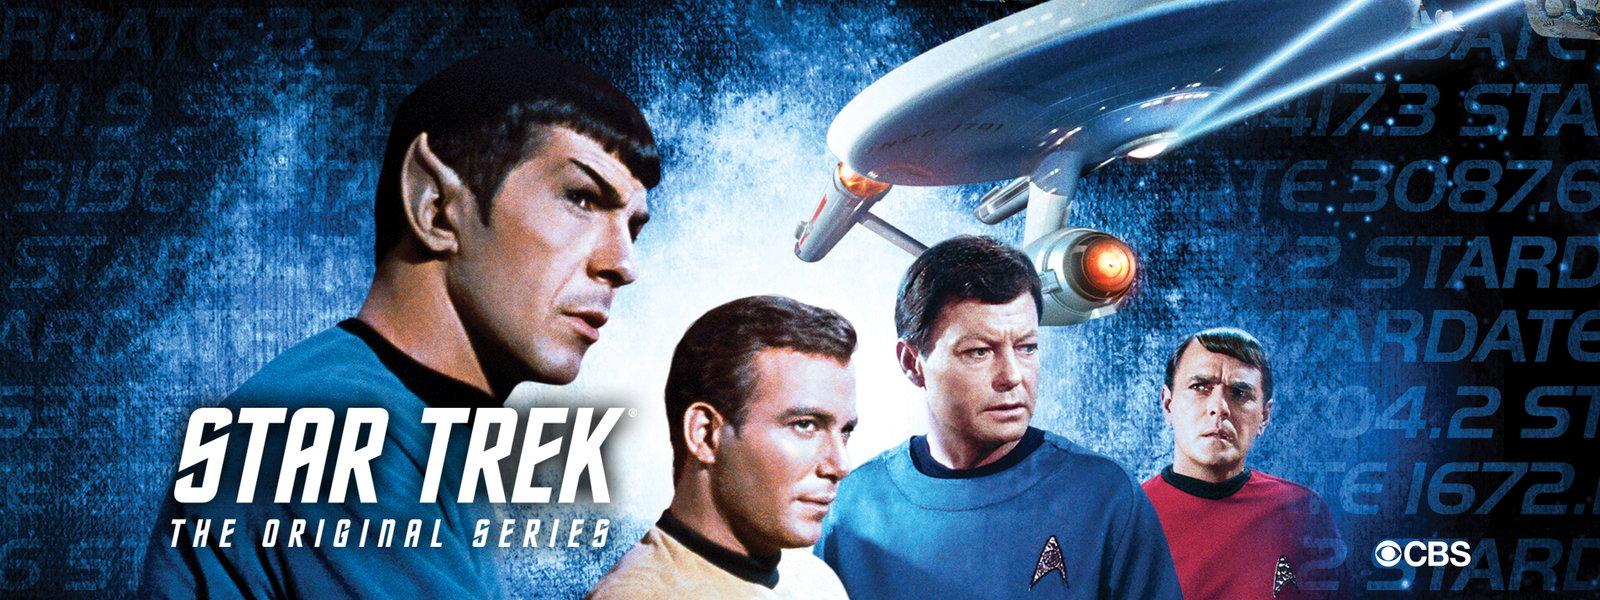 Star Trek: The Original Series - Episodes